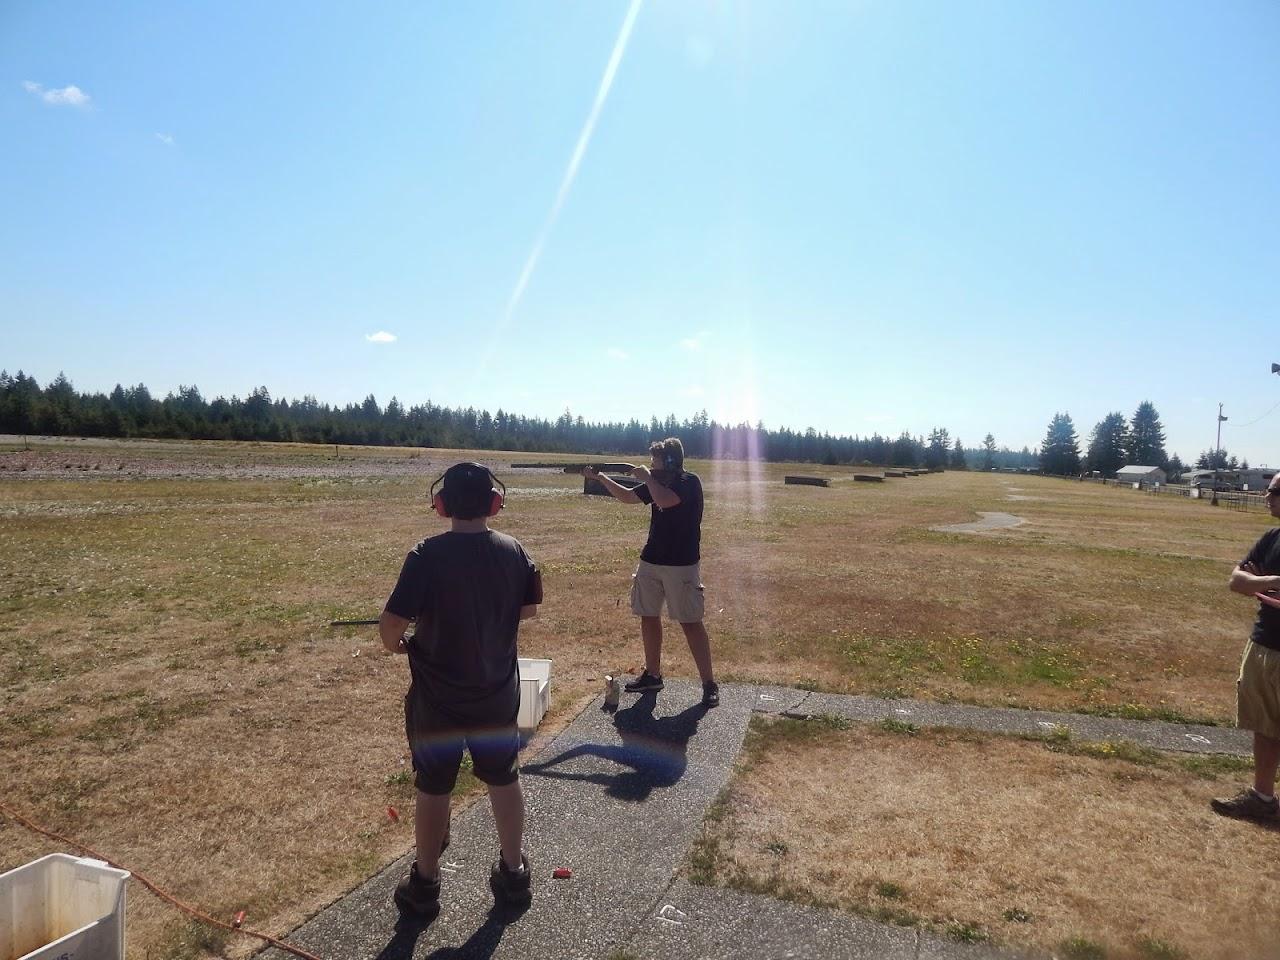 Shooting Sports Aug 2014 - DSCN1894.JPG